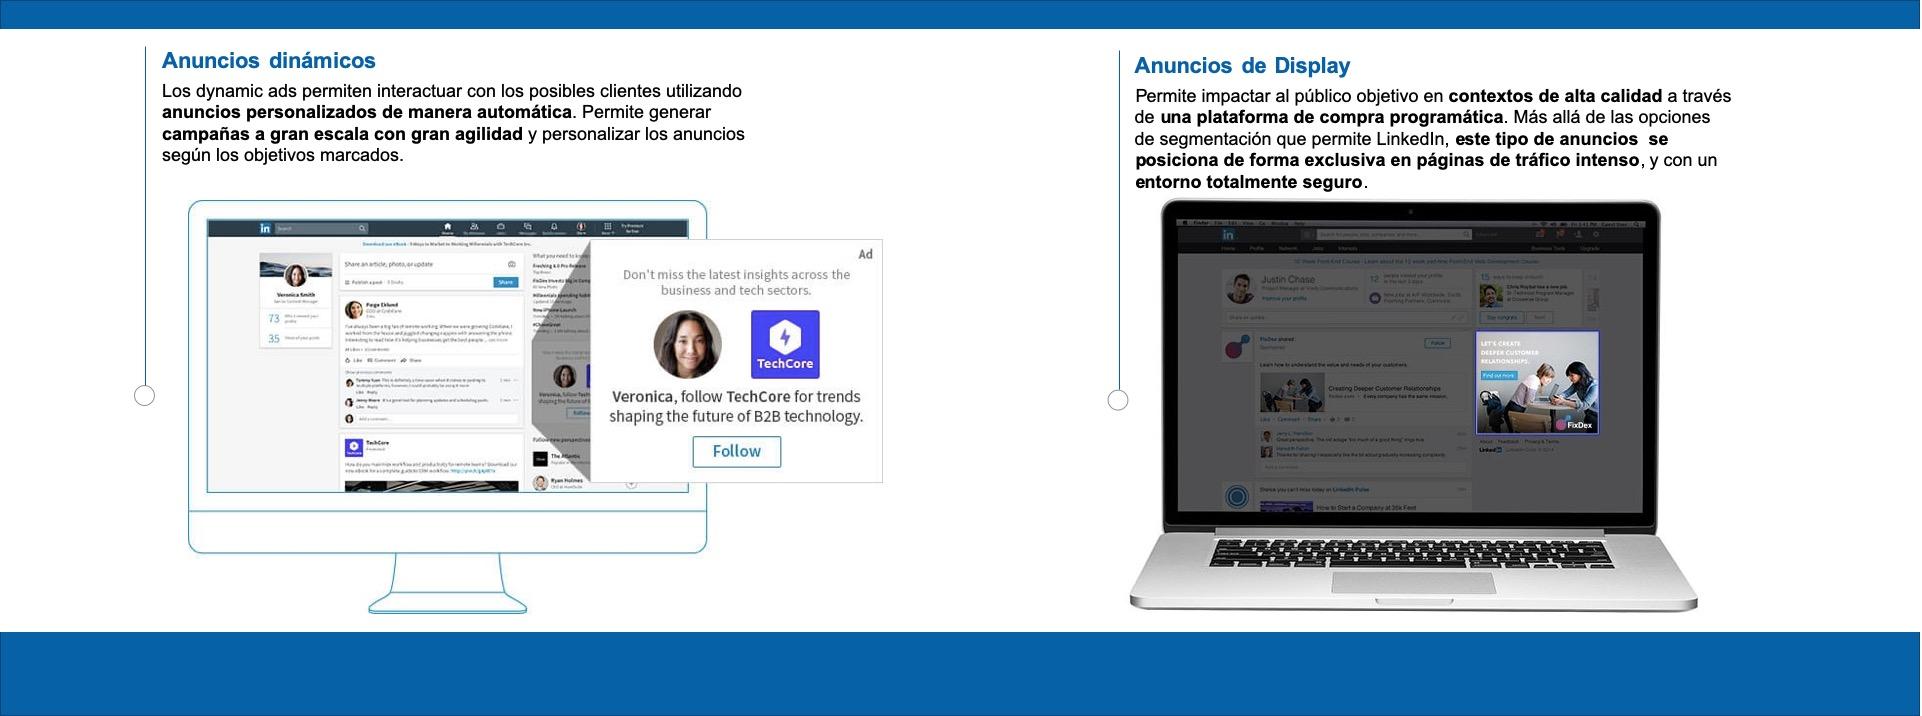 Ejemplos de dynamics ads y publicidad display en Linkedin.